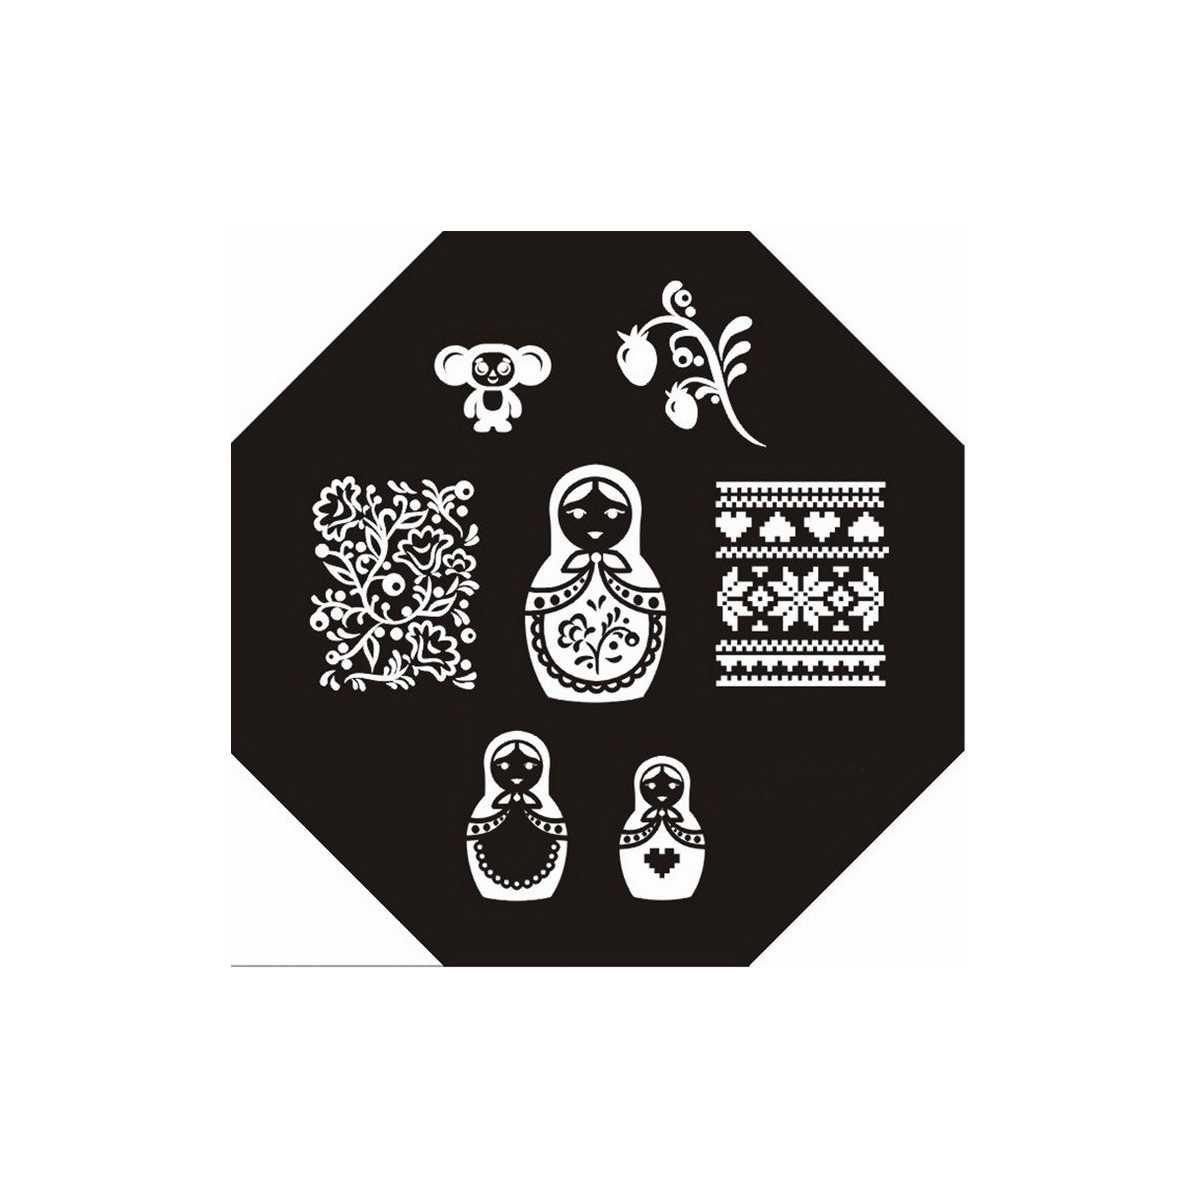 https://www.kit-manucure.com/602-thickbox_default/plaque-de-stamping-poupée-russe-fleurs-et-pull-en-laine-jacquard.jpg